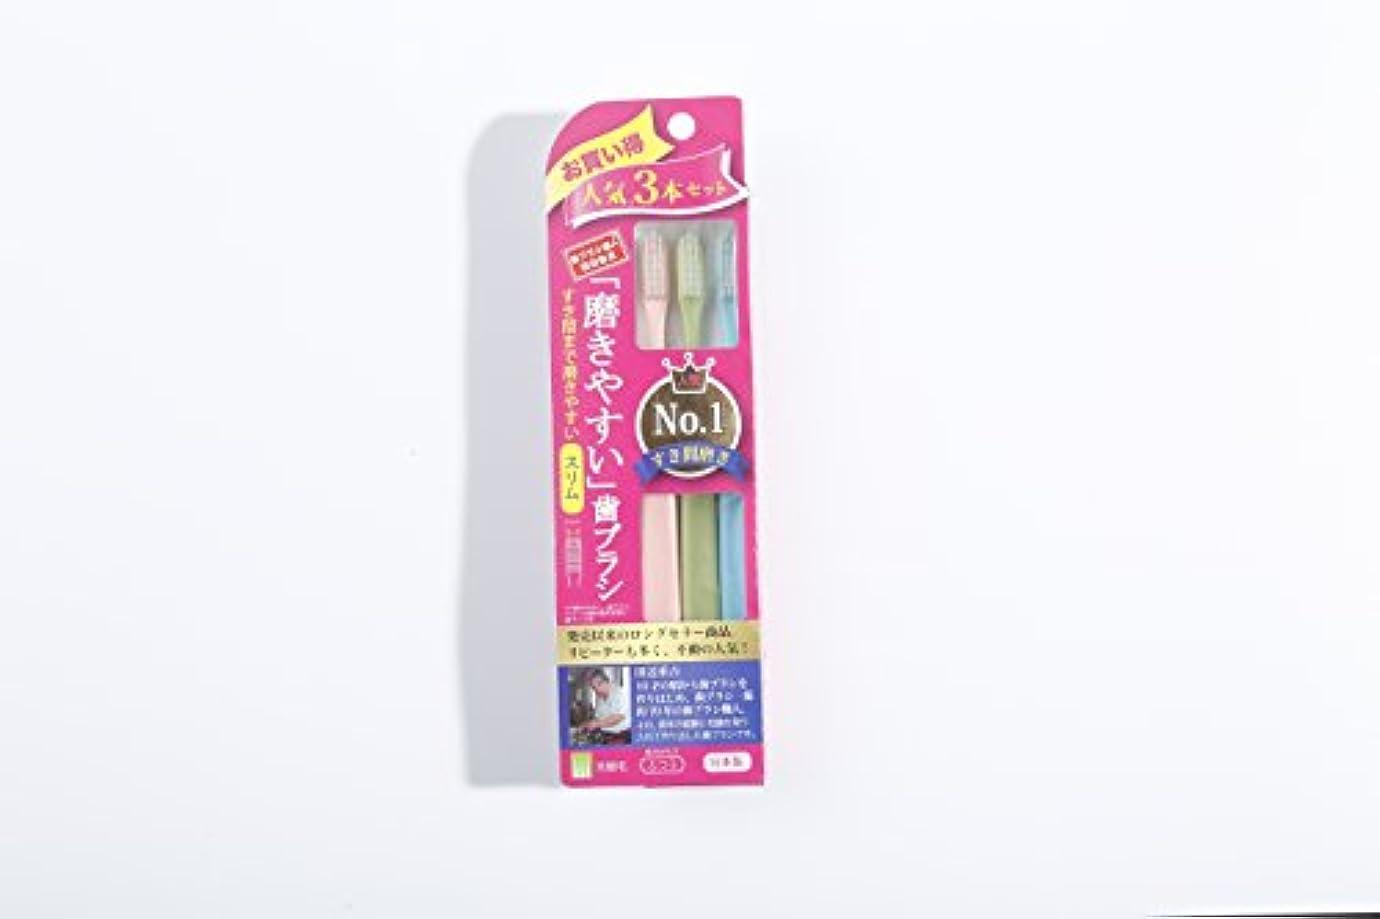 ずっと送信する機知に富んだ磨きやすい歯ブラシ 先細毛 スリム 3本組